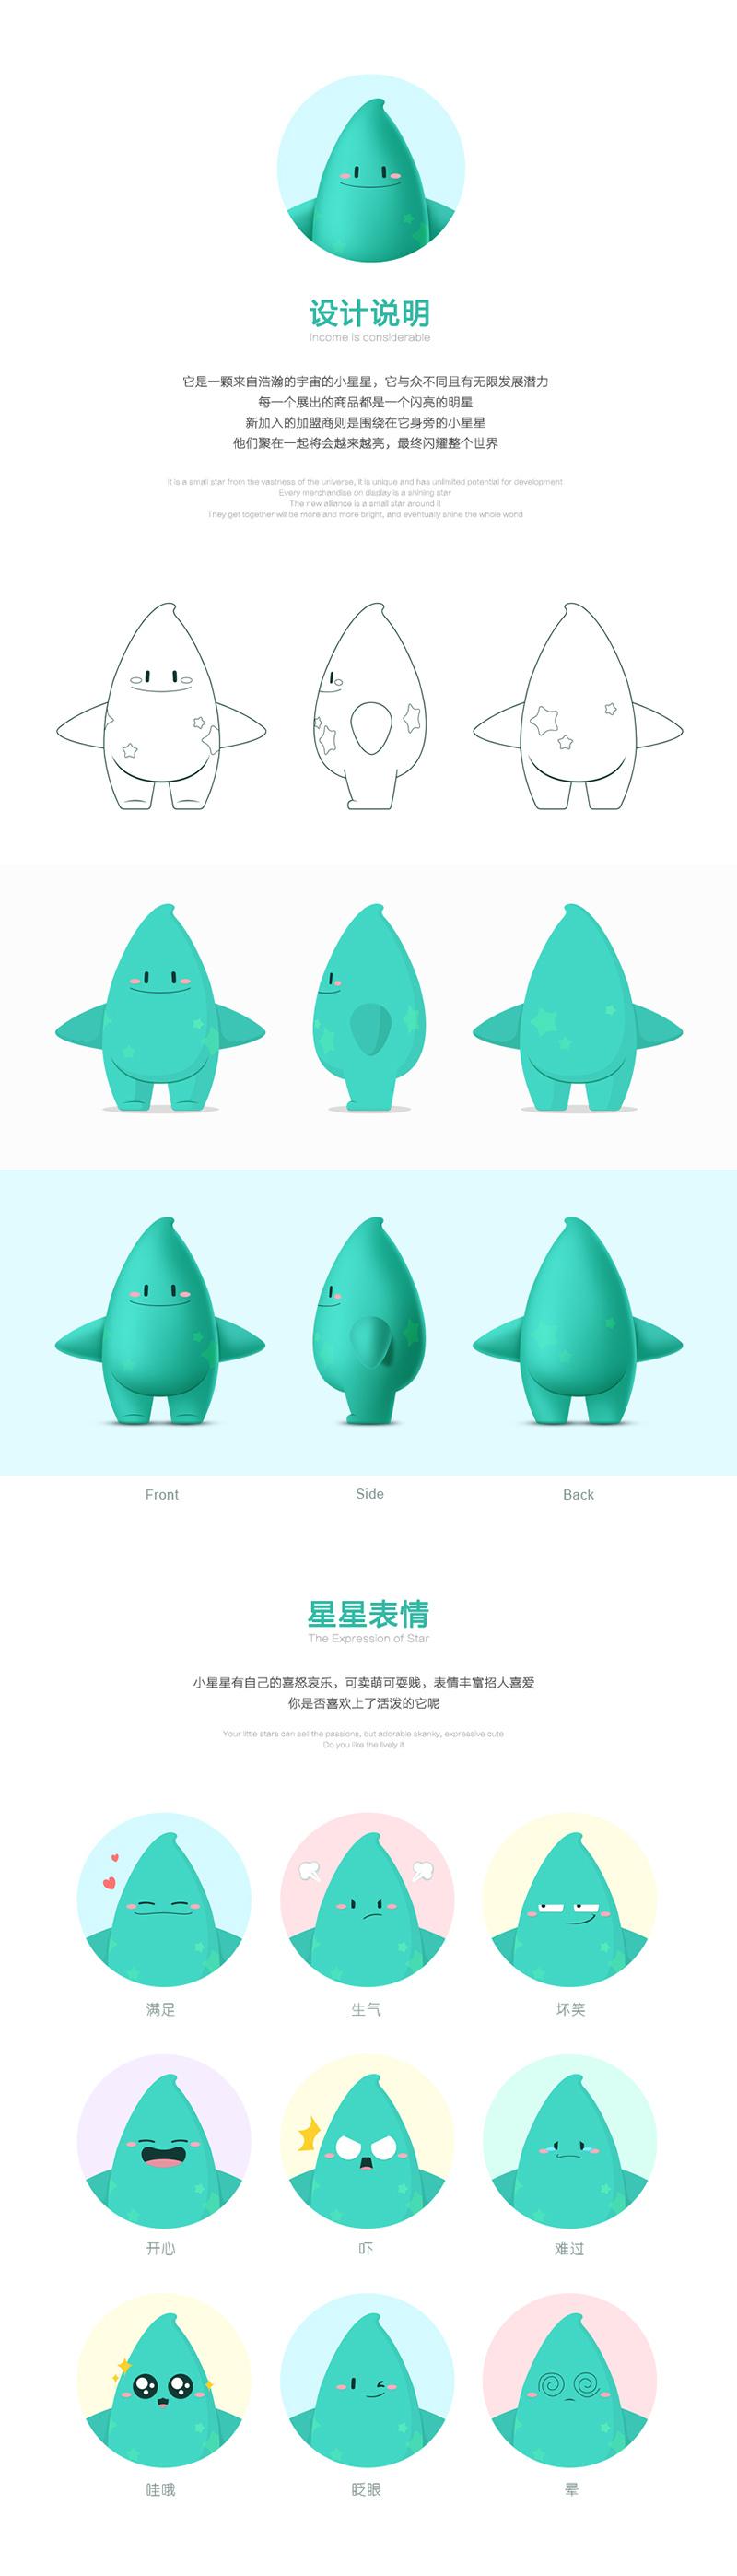 中国特许加盟吉祥物设计by心铭舍